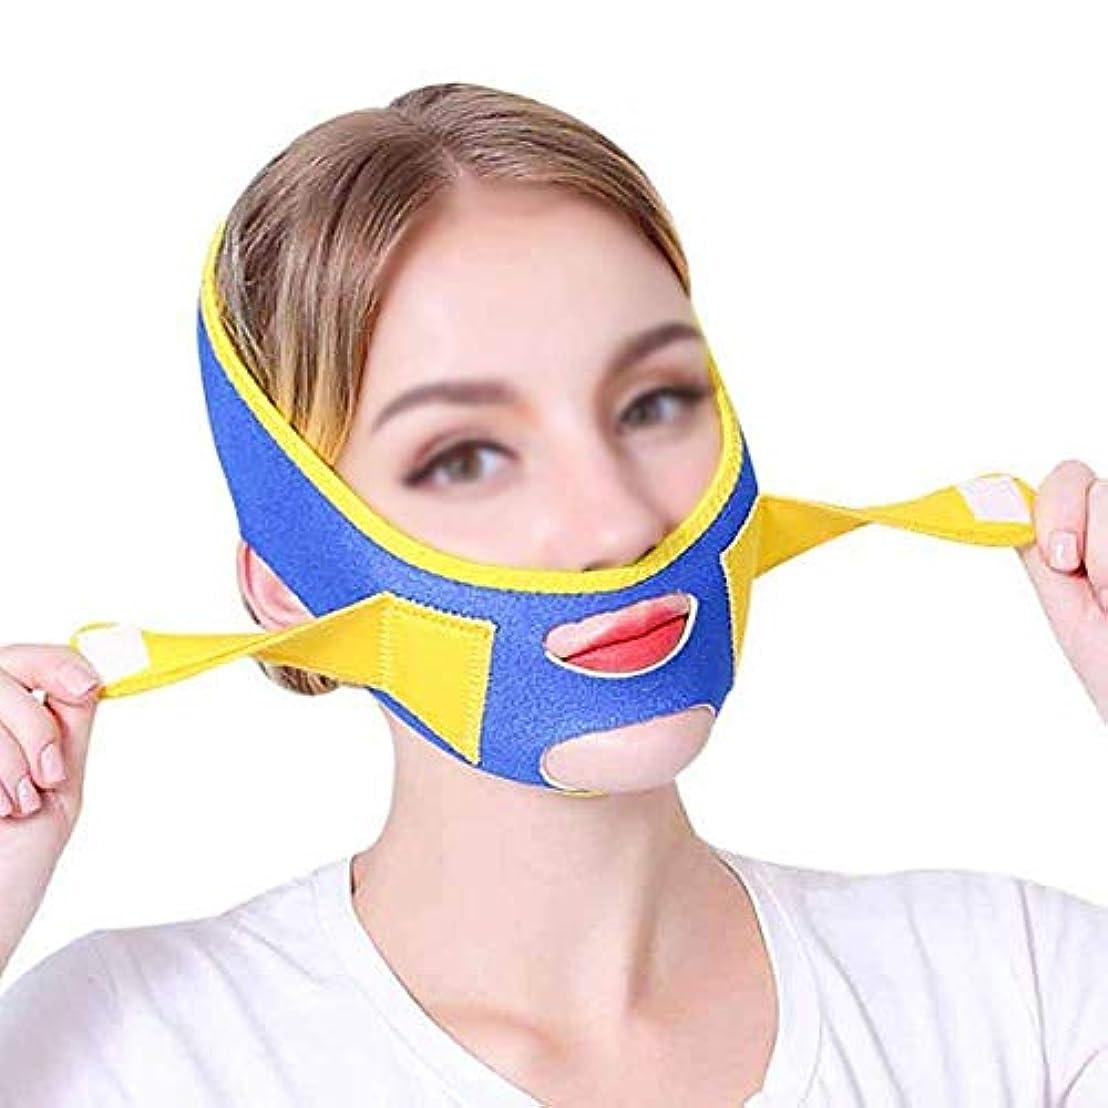 印象的脅威指導するフェイスリフトマスク、あごひも回復包帯薄いフェイスマスクVフェイスステッカーフェイスリフトステッカー韓国本物のリフティング引き締め引き締め成形薄いダブルチンフェイスリフト睡眠包帯アーティファクト